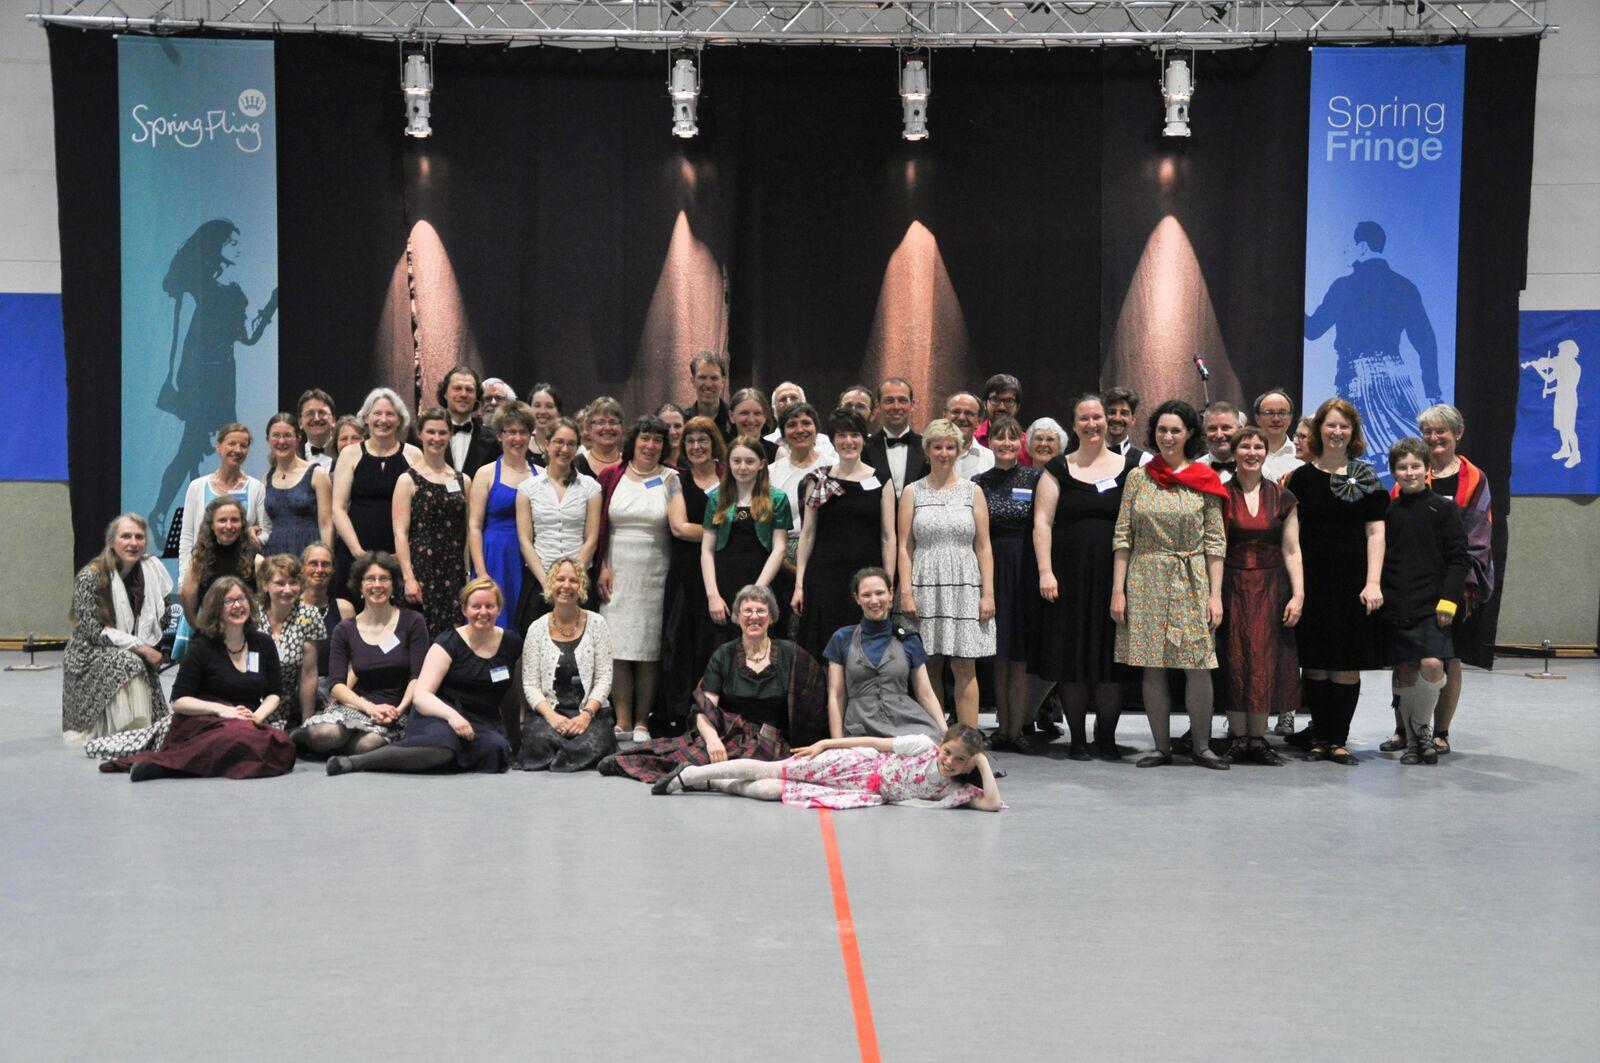 """Mitglieder der Central Germany Branch am Ballabend der Veranstaltung """"Spring Fling / Spring Fringe 2017"""""""